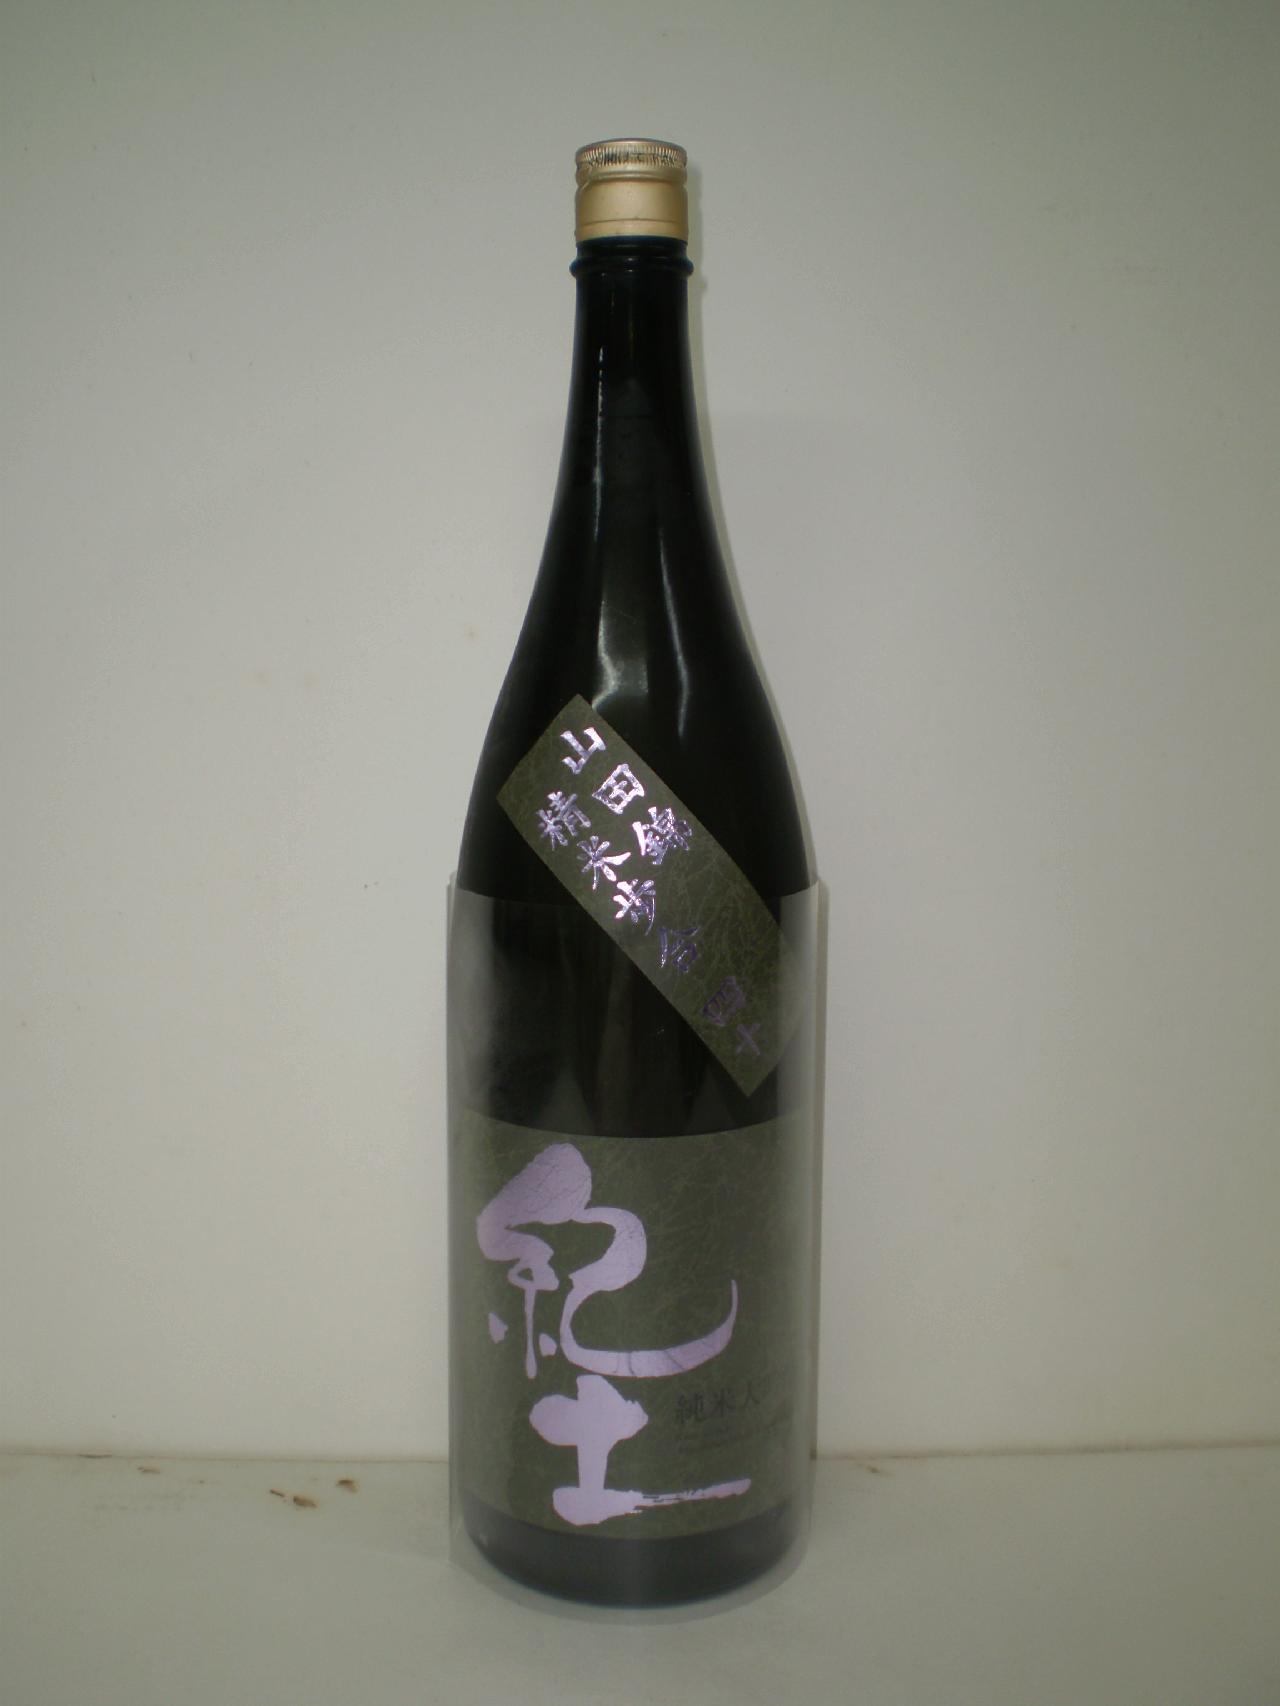 紀土 純米大吟醸40% 1800ml 平和酒造